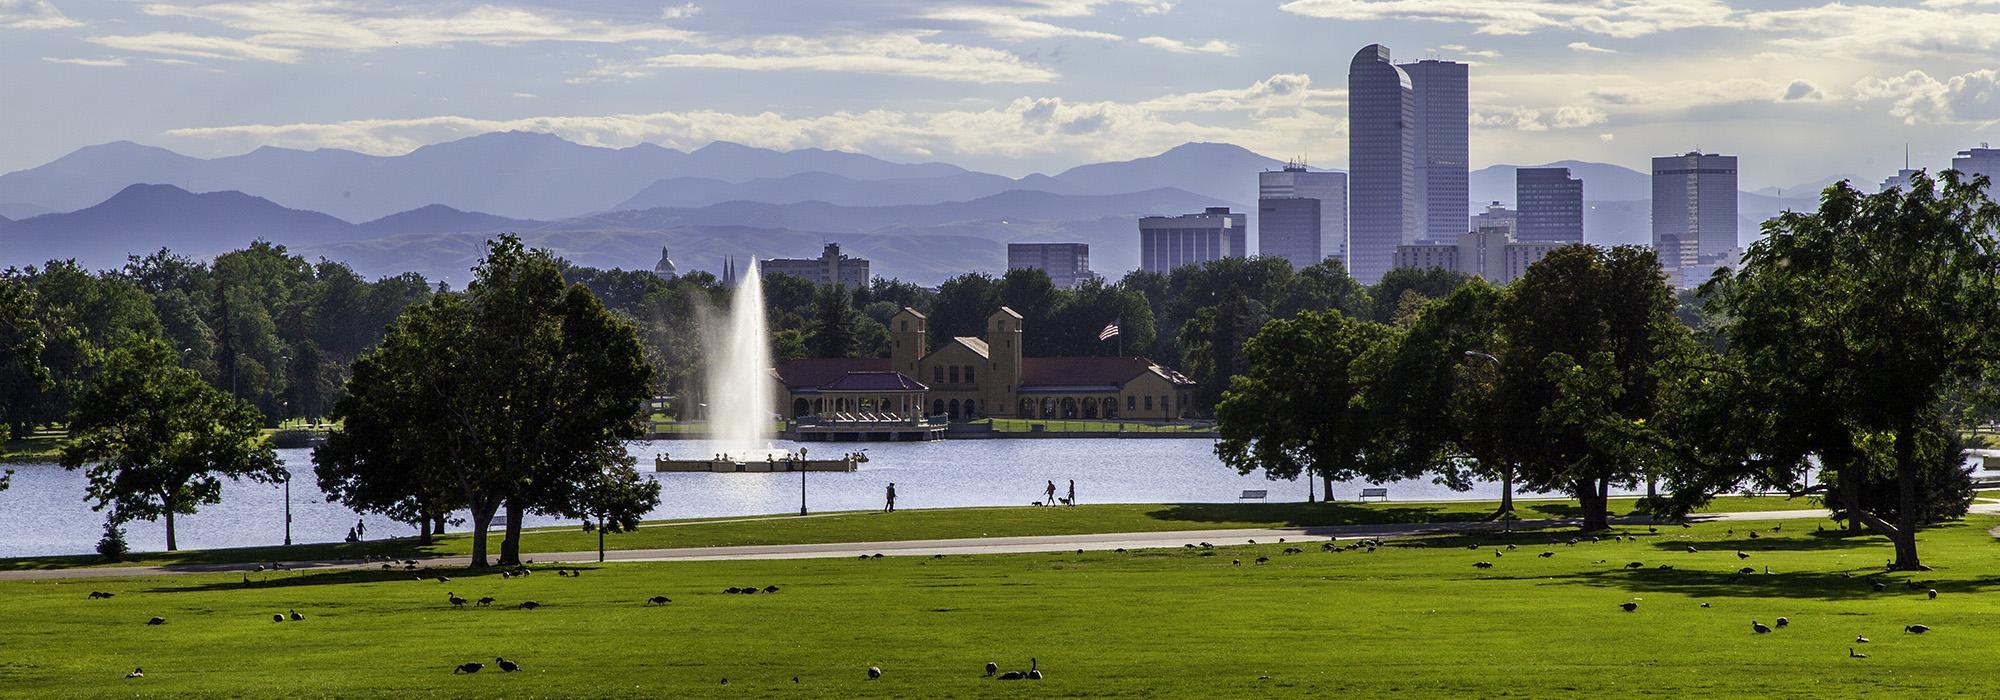 CityPark-Denver.jpg